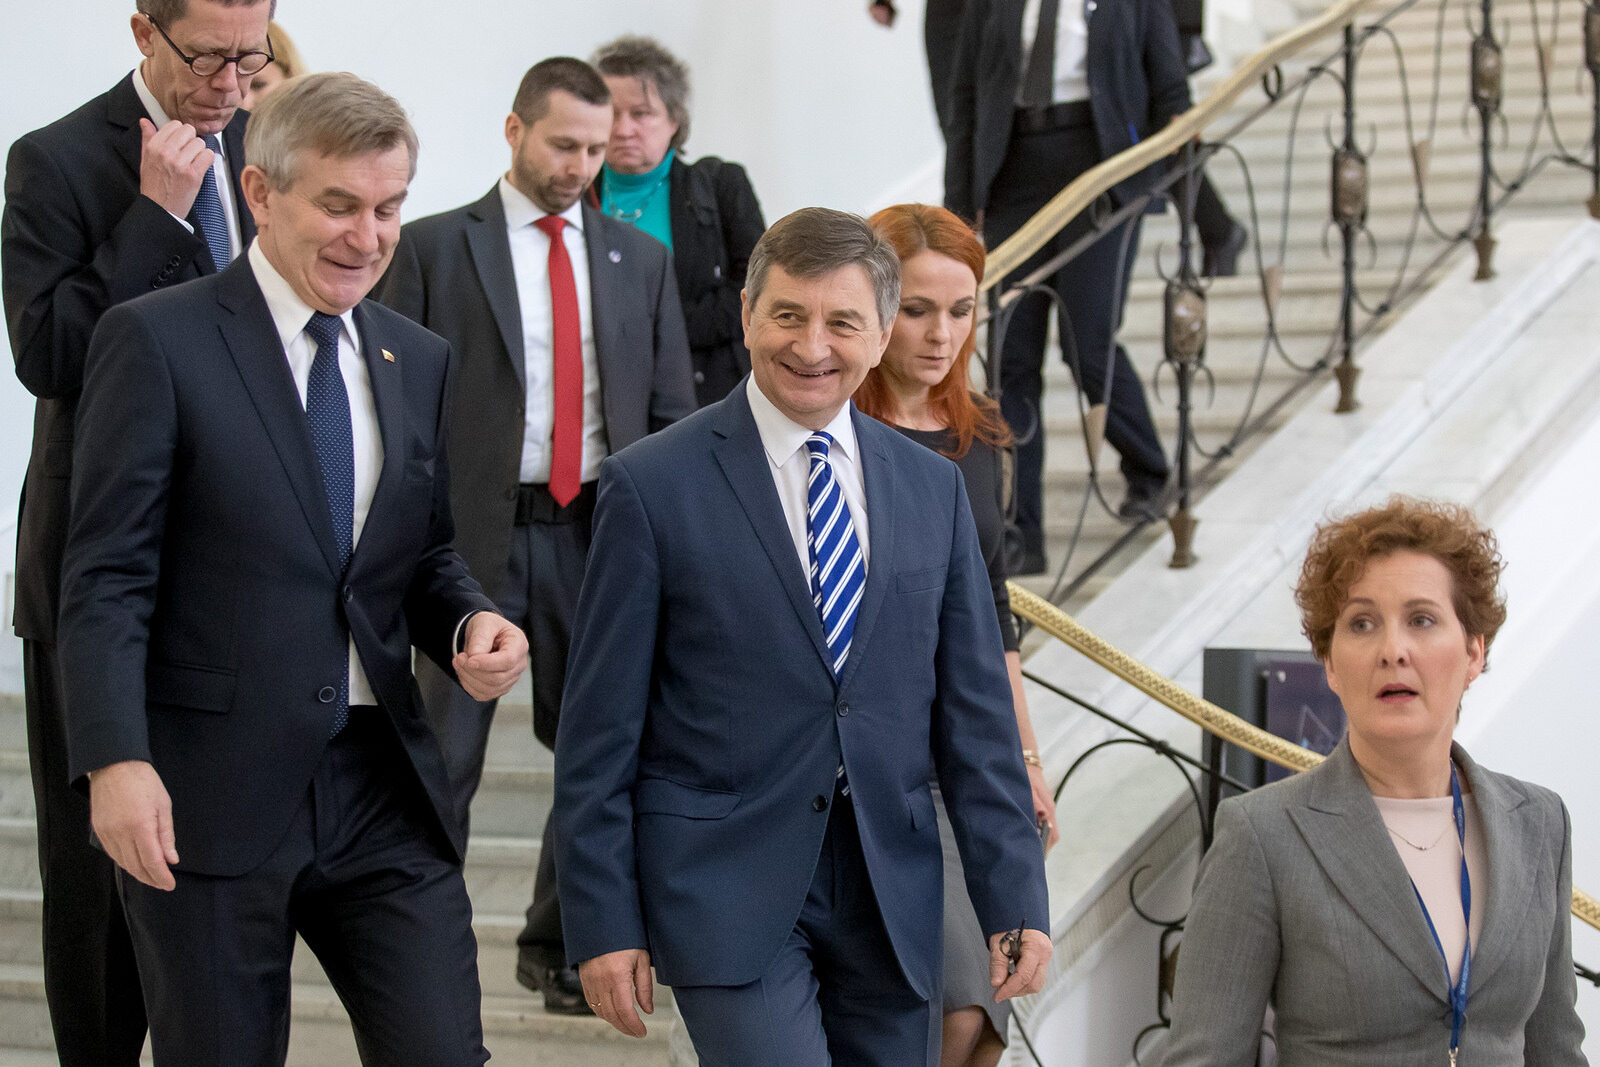 Marszałek Sejmu Marek Kuchciński z przewodniczącym litewskiego Seimasu Viktorasem Pranckietisem